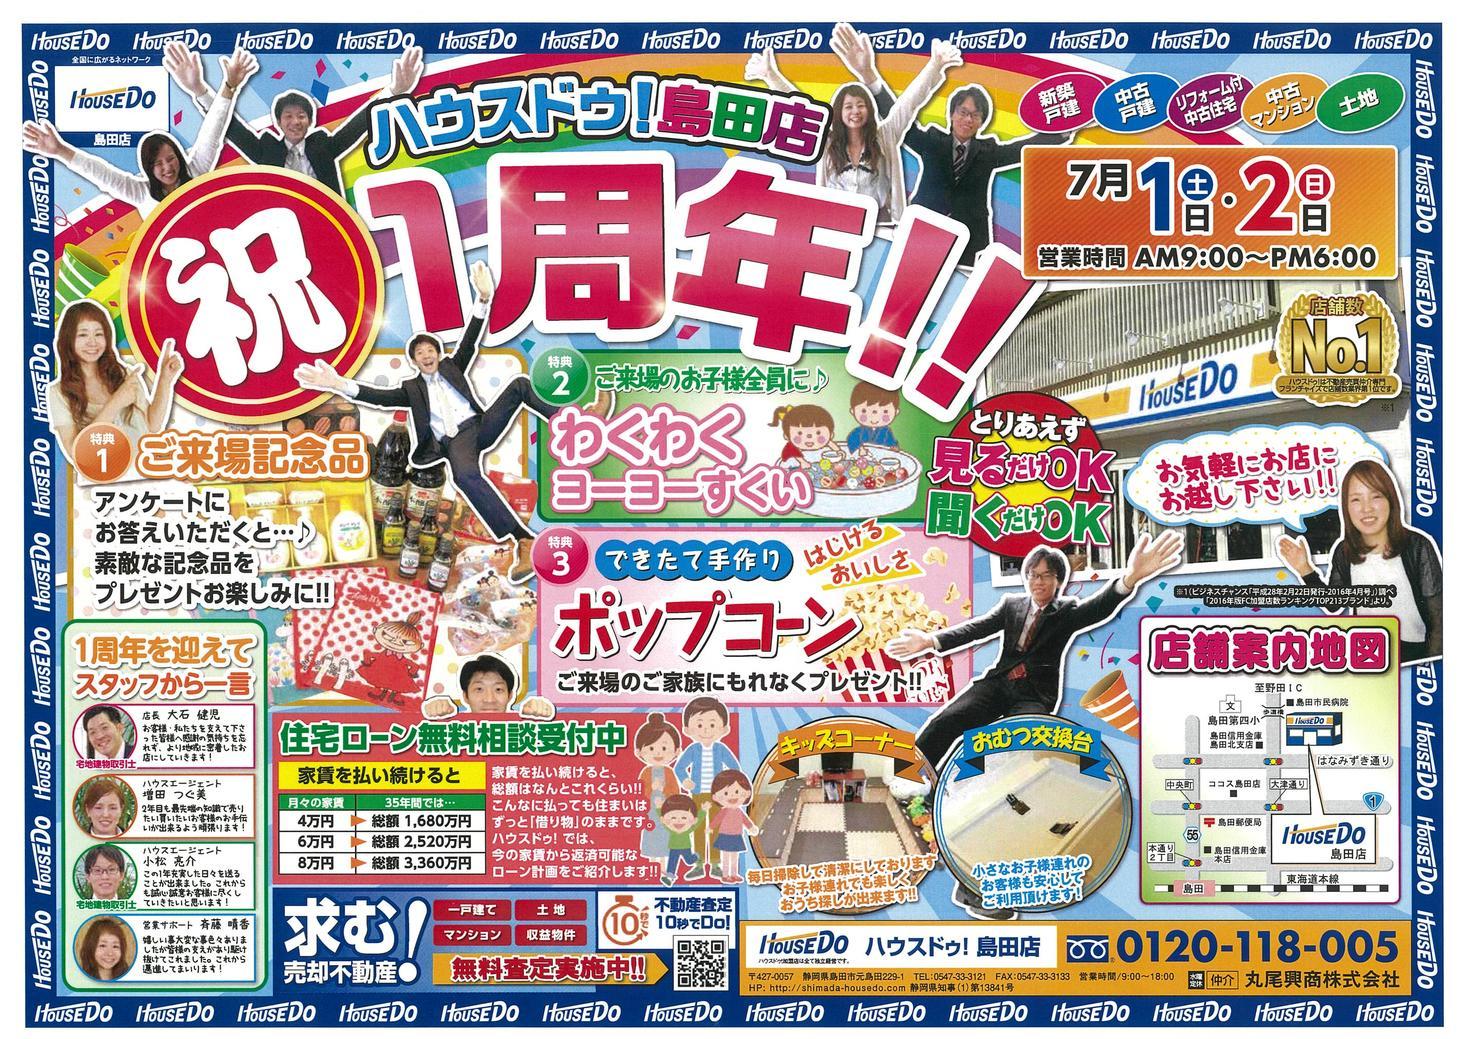 7月1日(土)2日(日)ハウスドゥ!島田店 祝! 開店1周年イベント開催!